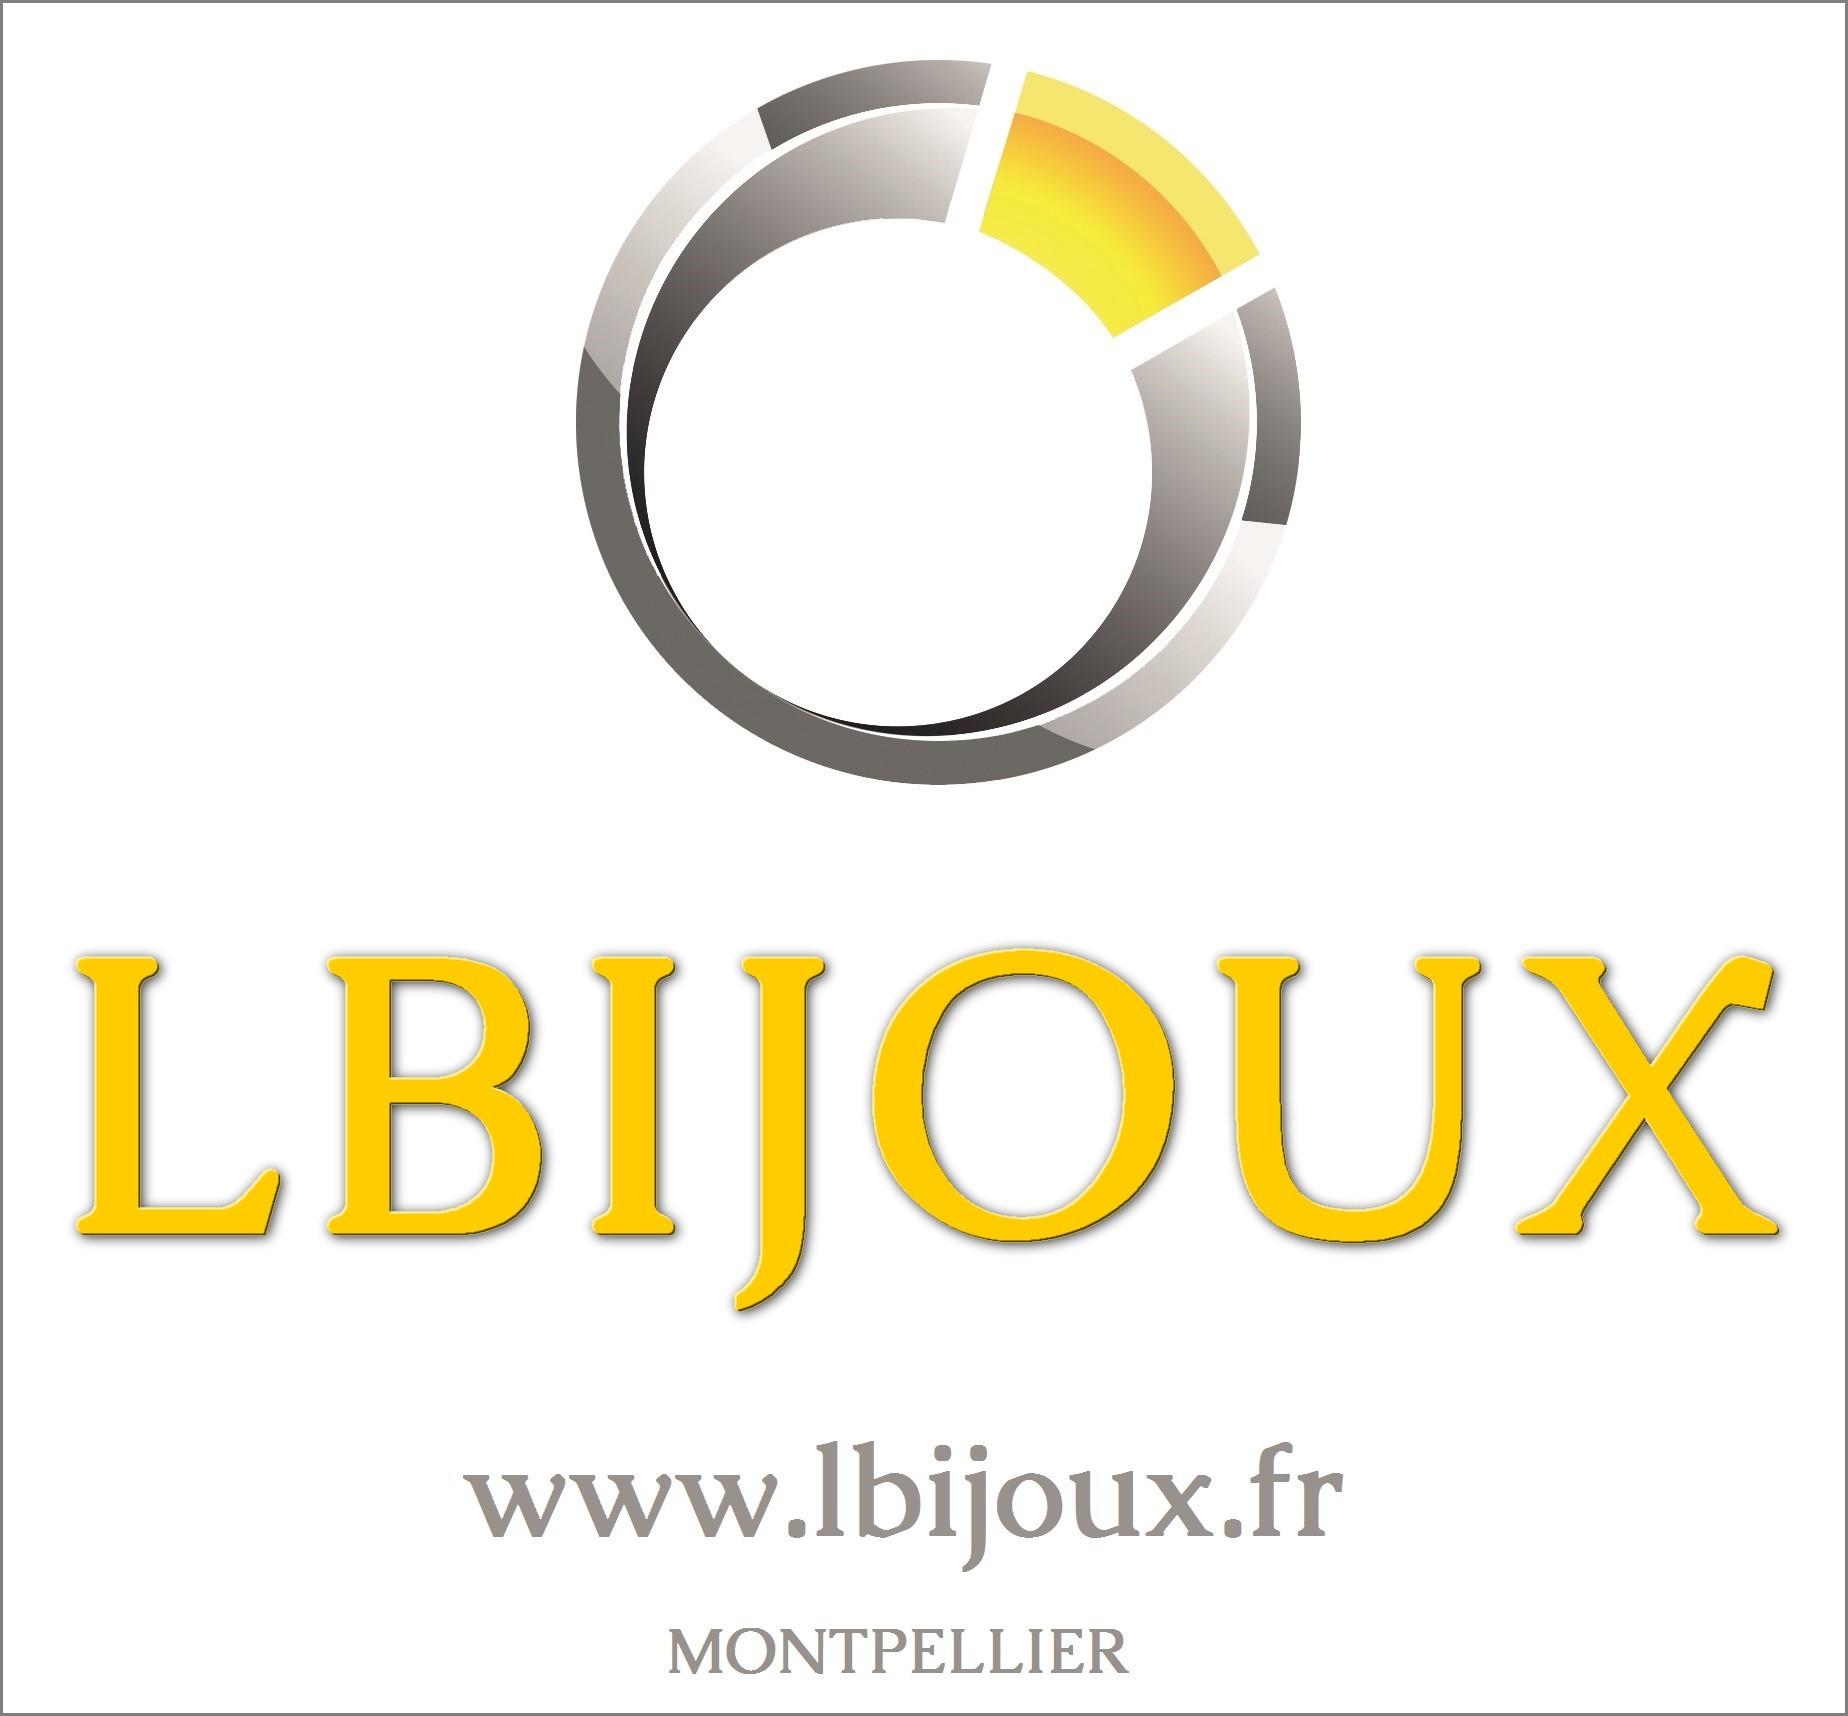 LBijoux